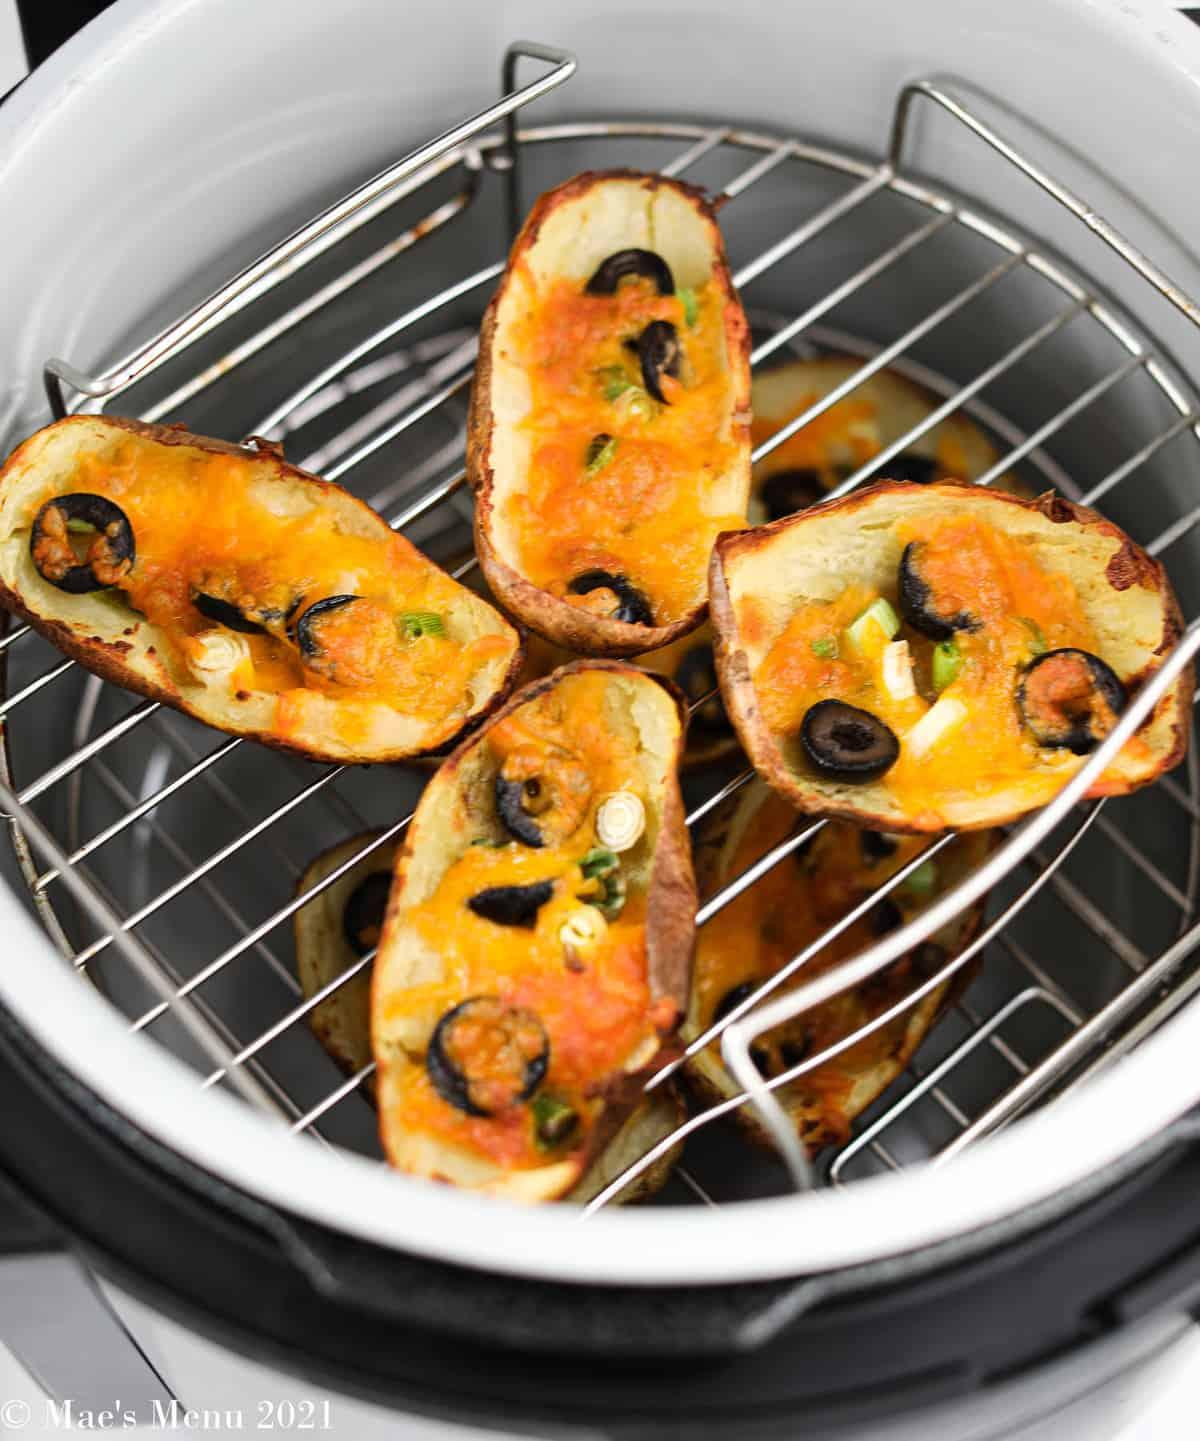 Fried air fryer potato skins in an air fryer